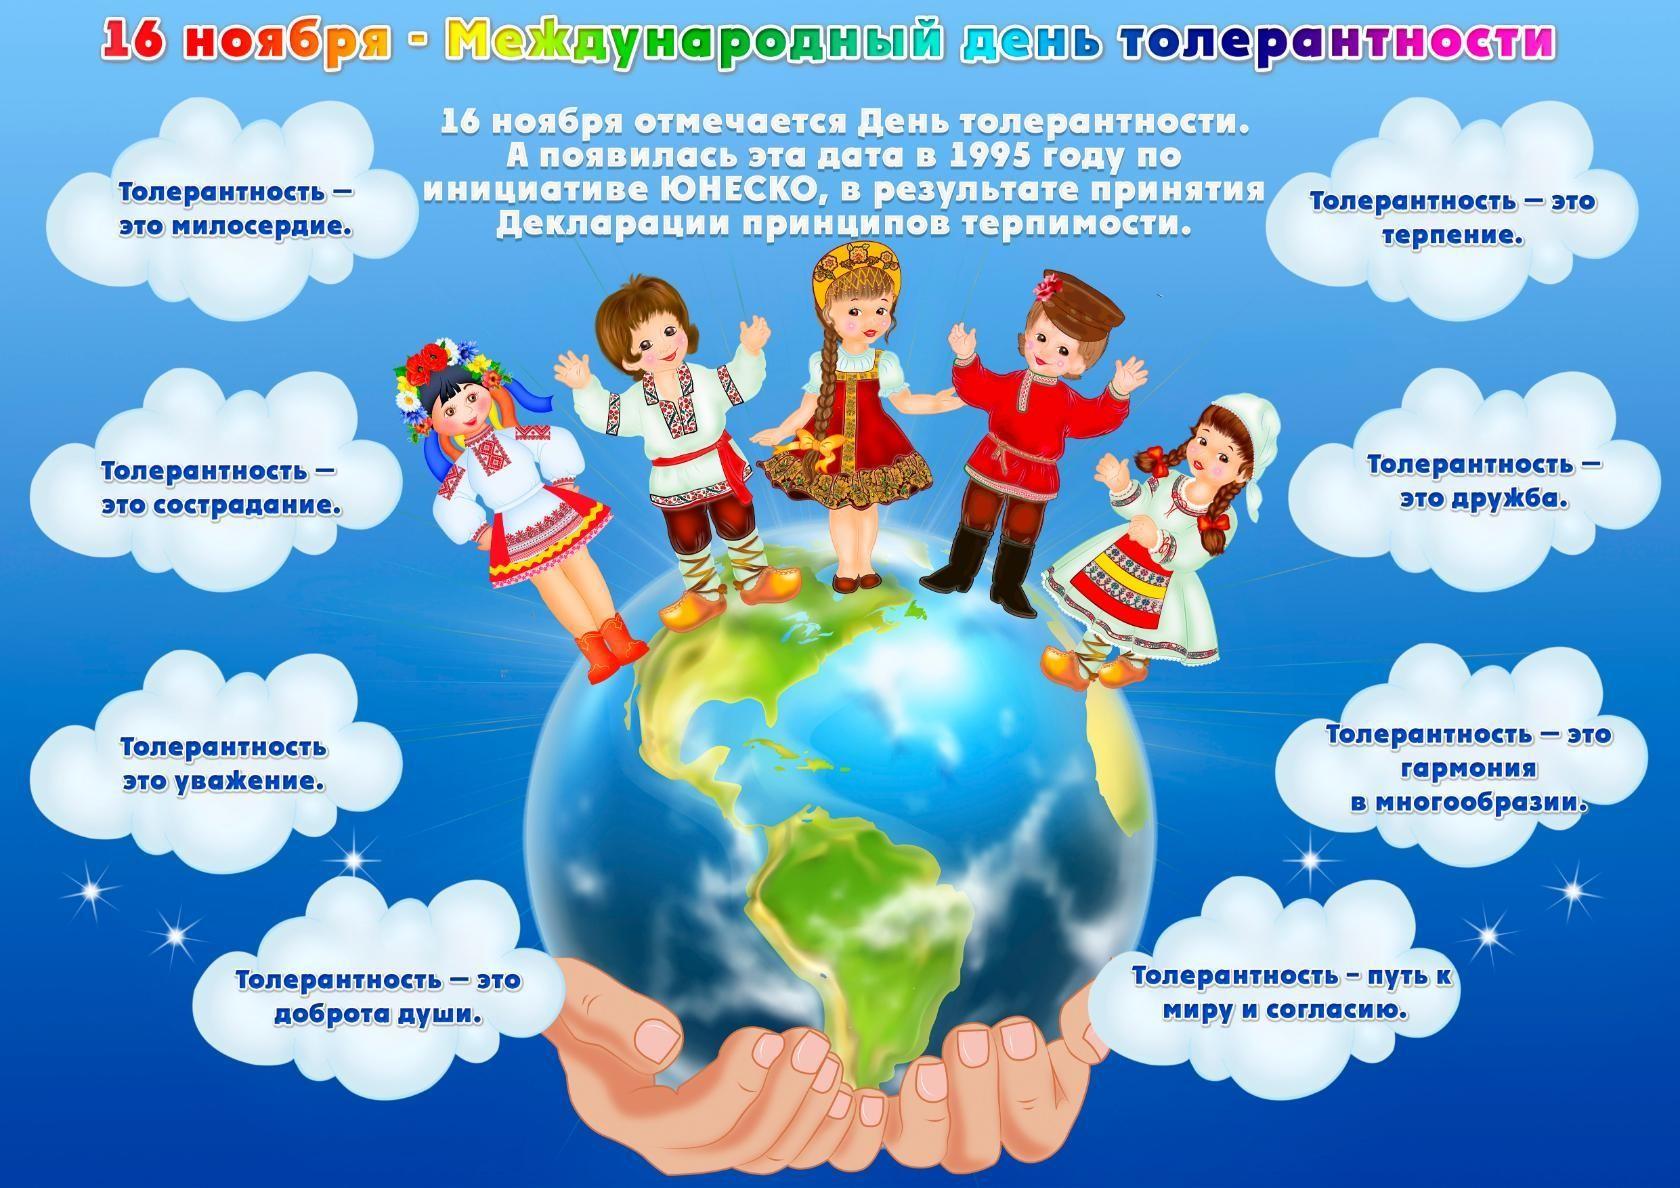 Международный день, посвящённый терпимости